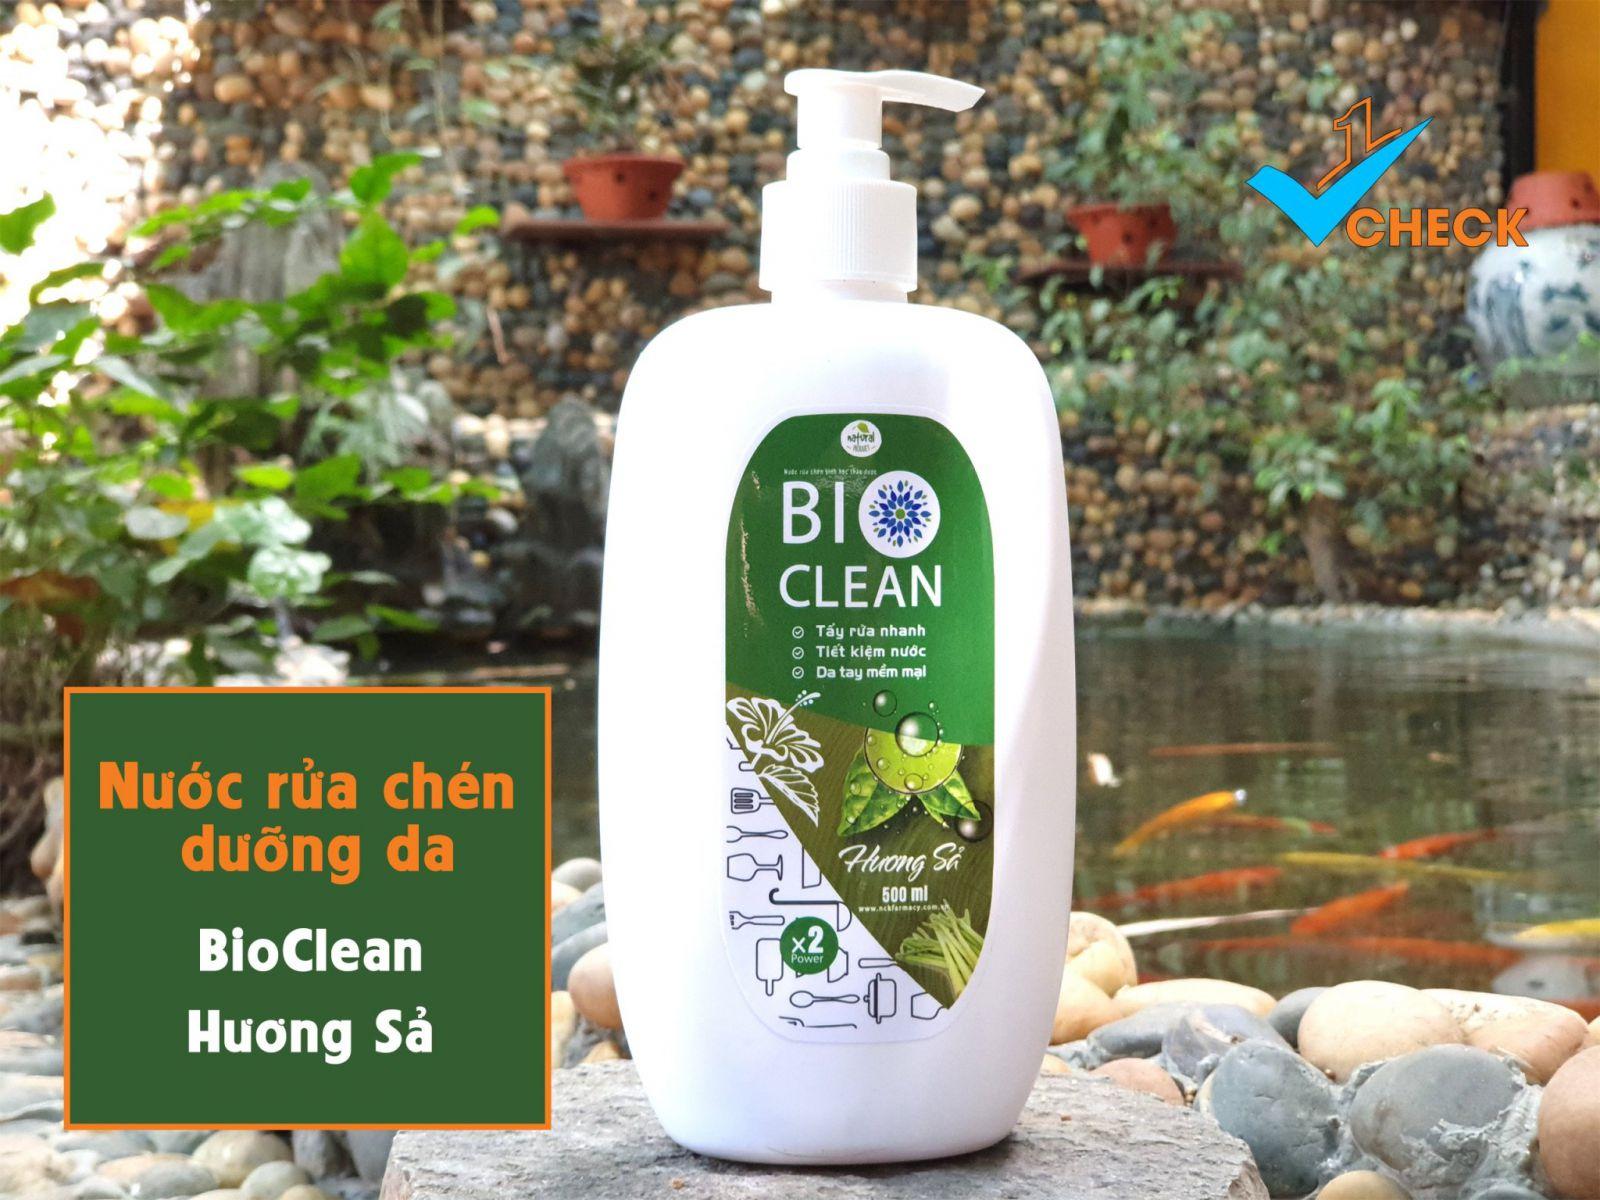 Nước rửa chén sinh học thảo dược BioClean X2, hương sả, chai 500ml